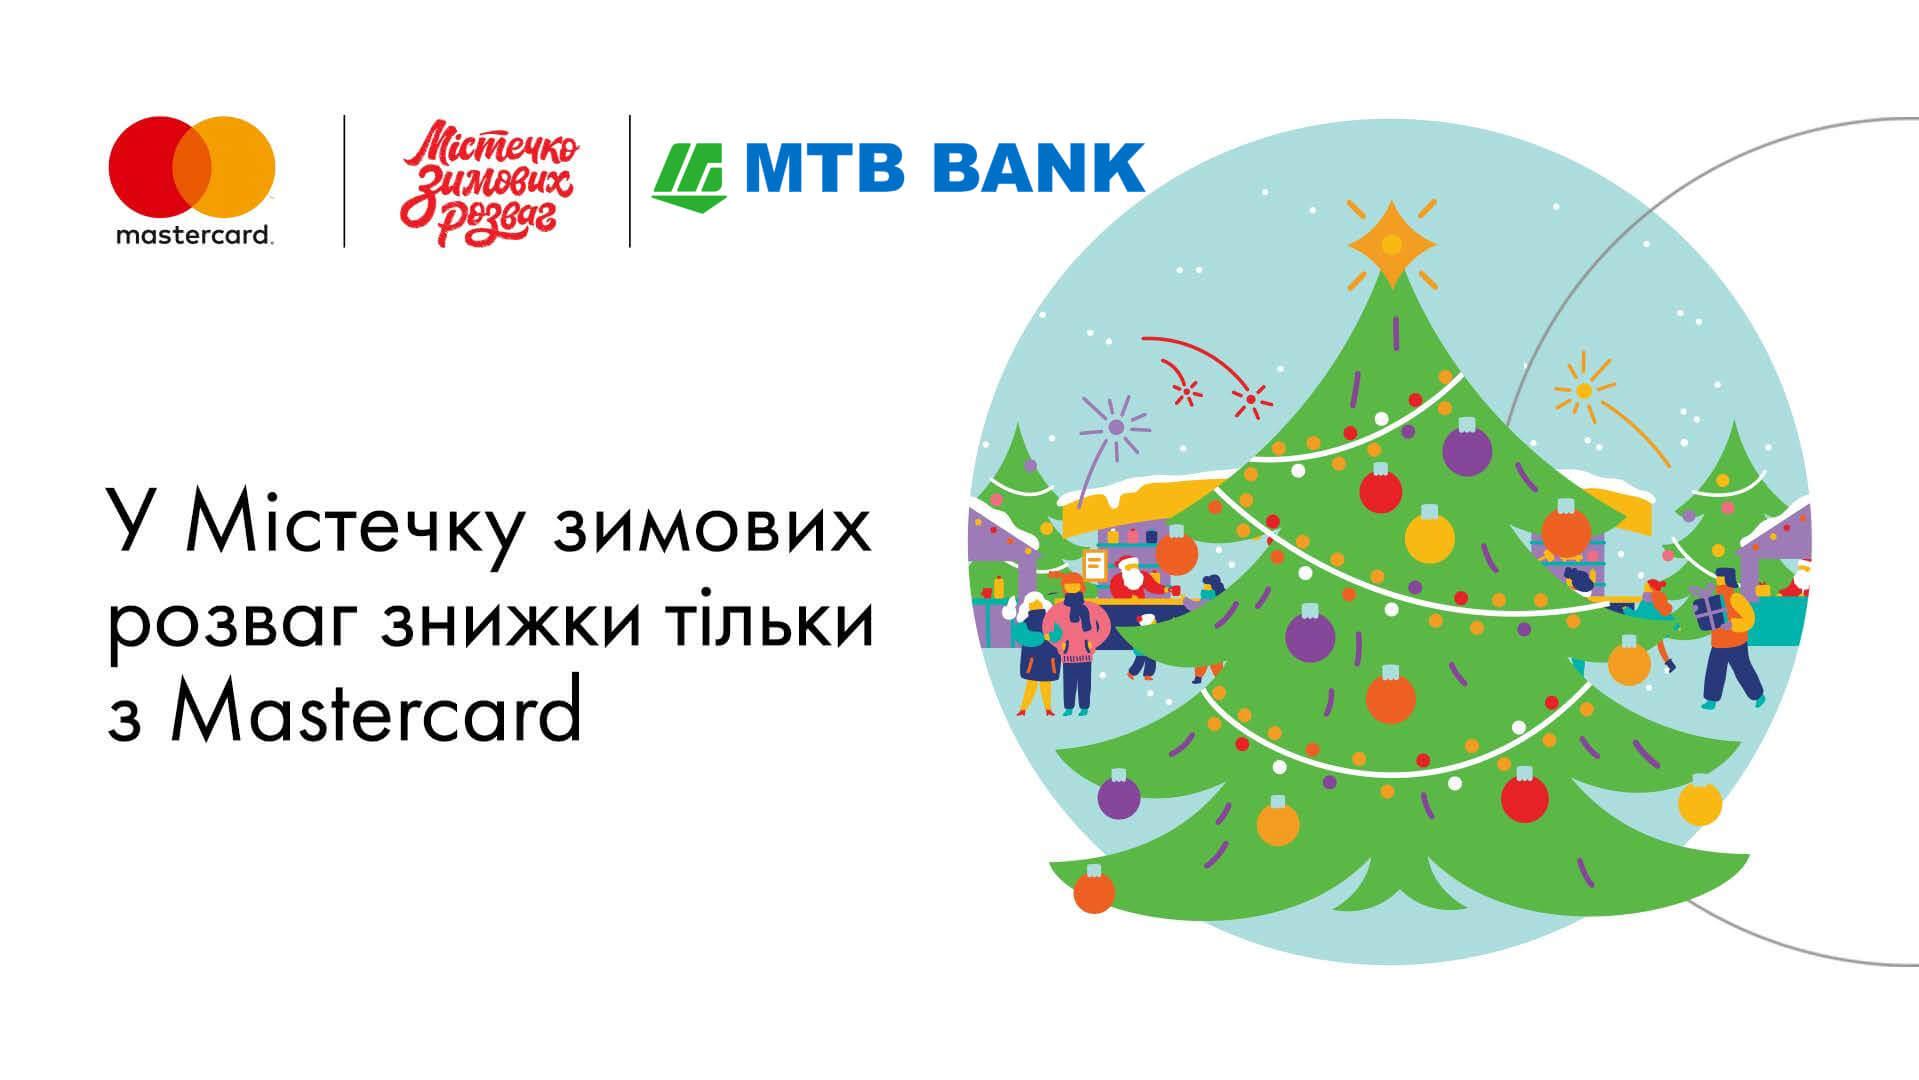 Растеркард разом з Містечком Зимових розваг підготували подарунки та знижки при оплаті картками Мастеркард. - фото - mtb.ua